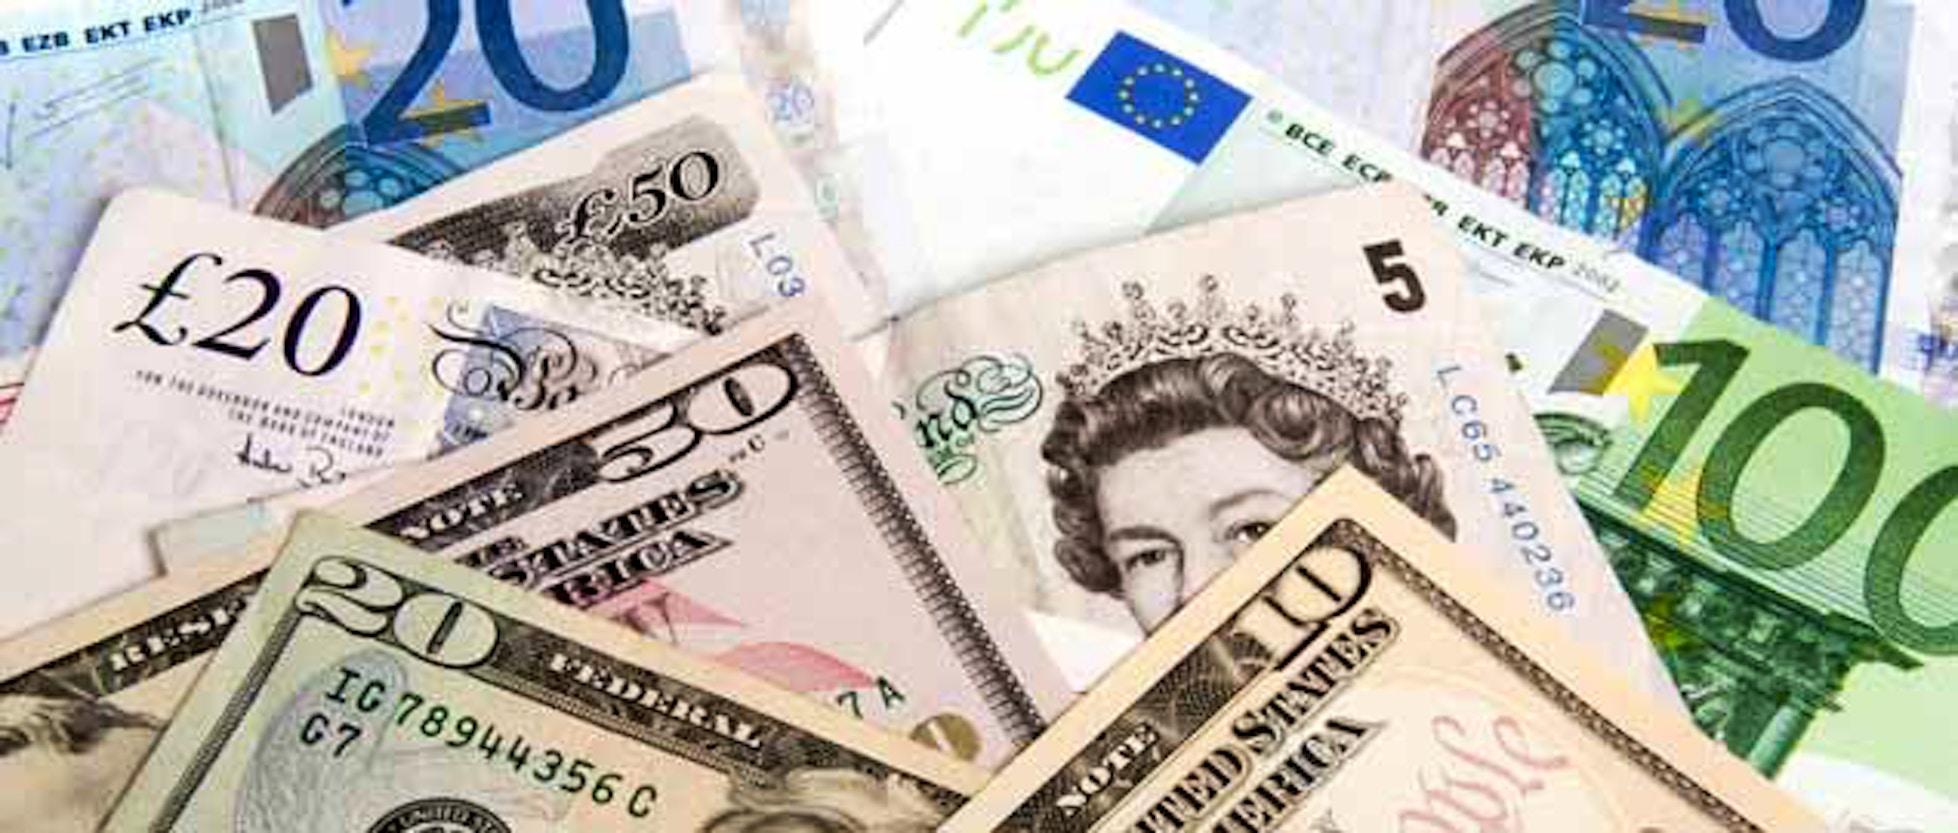 che moneta si usa in inghilterra? ecco dove cambiare i soldi a londra - Migliore Zona Soggiorno Londra 2